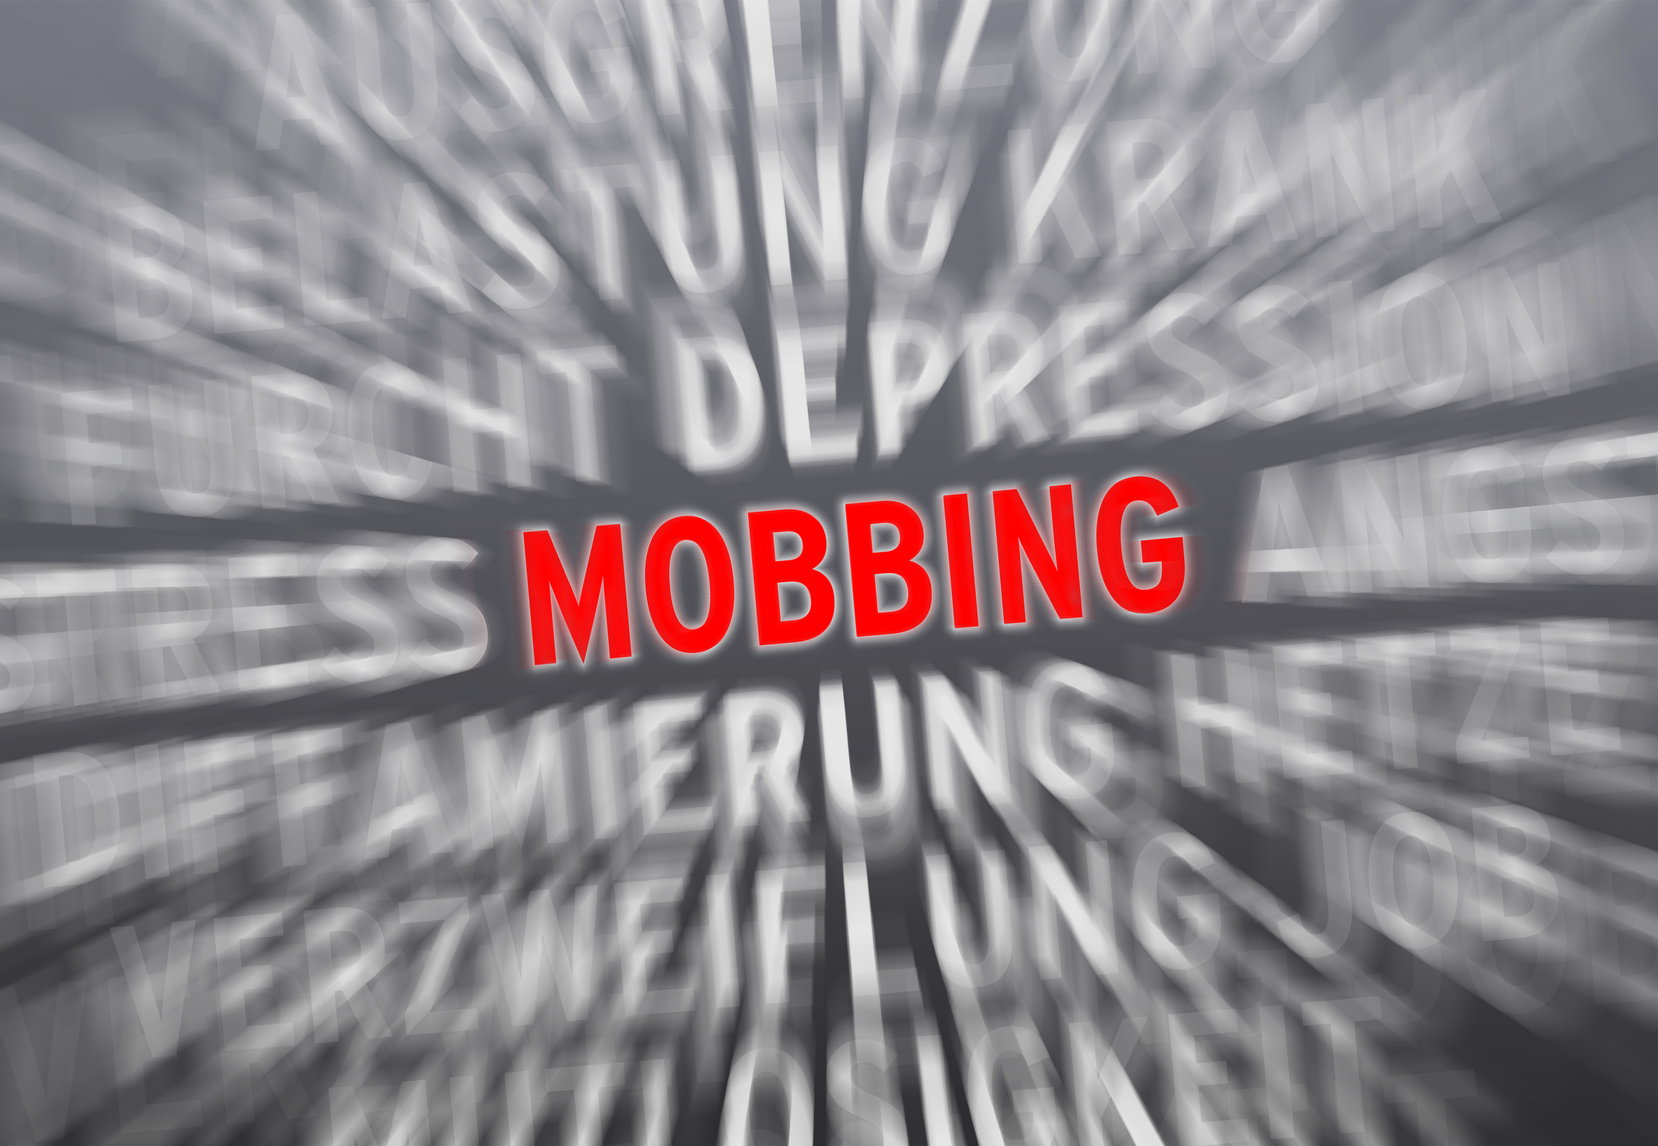 Mobbing Schadensersatz Und Schmerzensgeld Dgb Rechtsschutz Gmbh